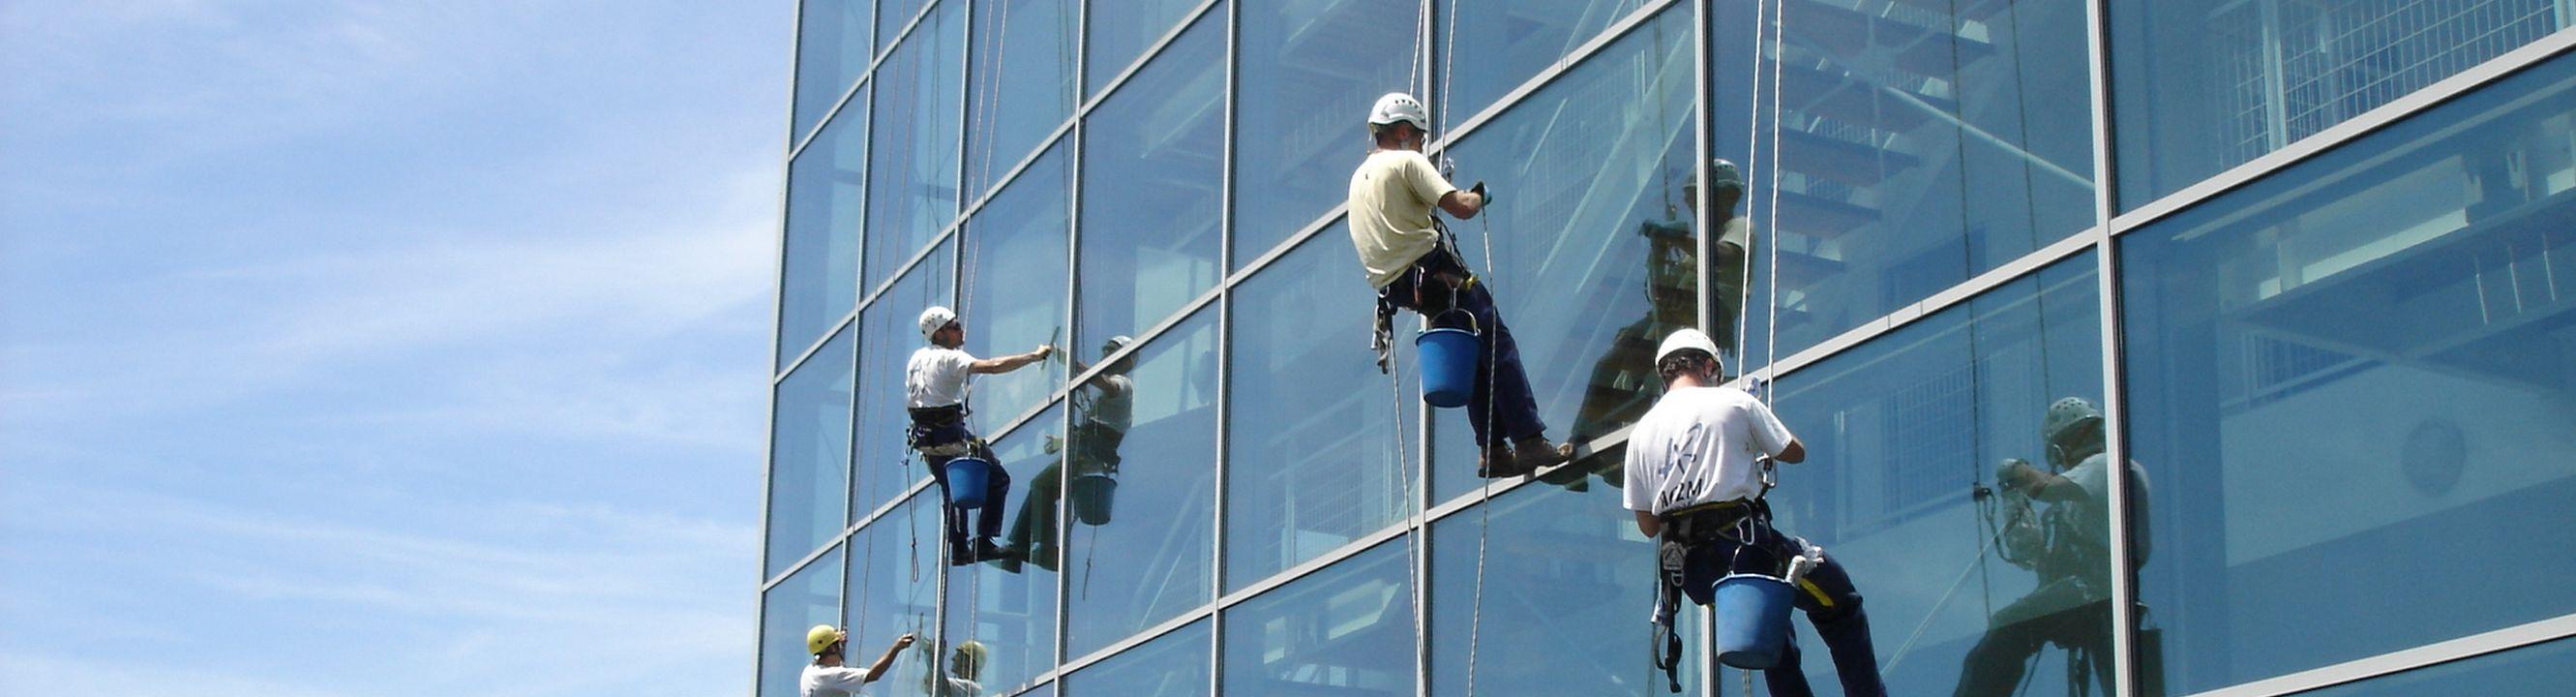 technicien cordiste urbain lavage de vitre confirmé 25200 montbelliard